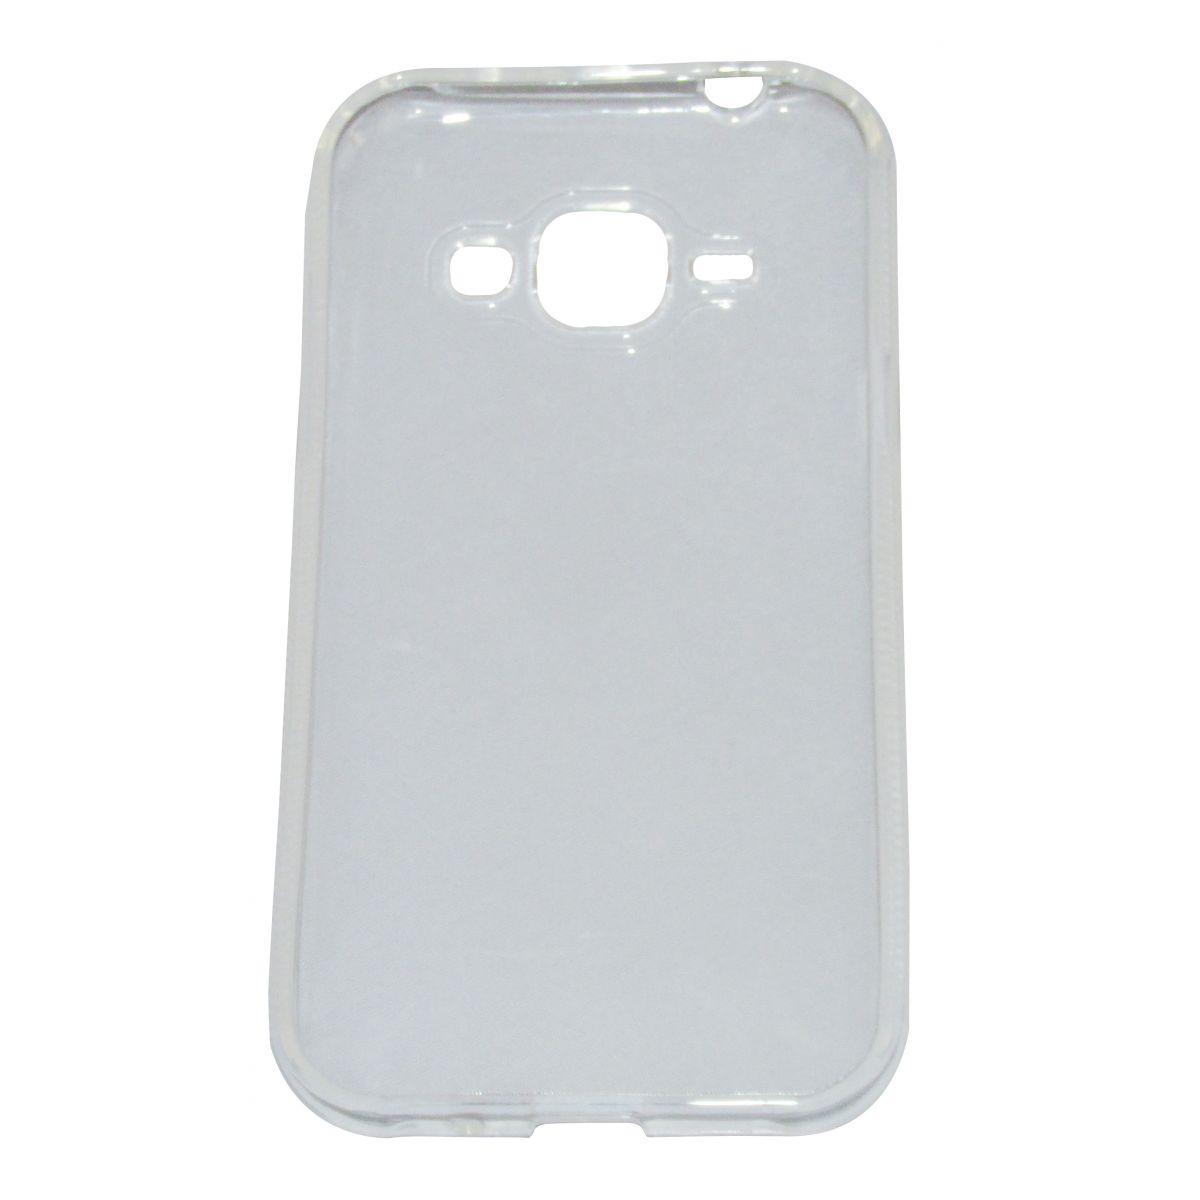 Capa TPU Transparente Samsung Galaxy J1 + Pelicula Flexível